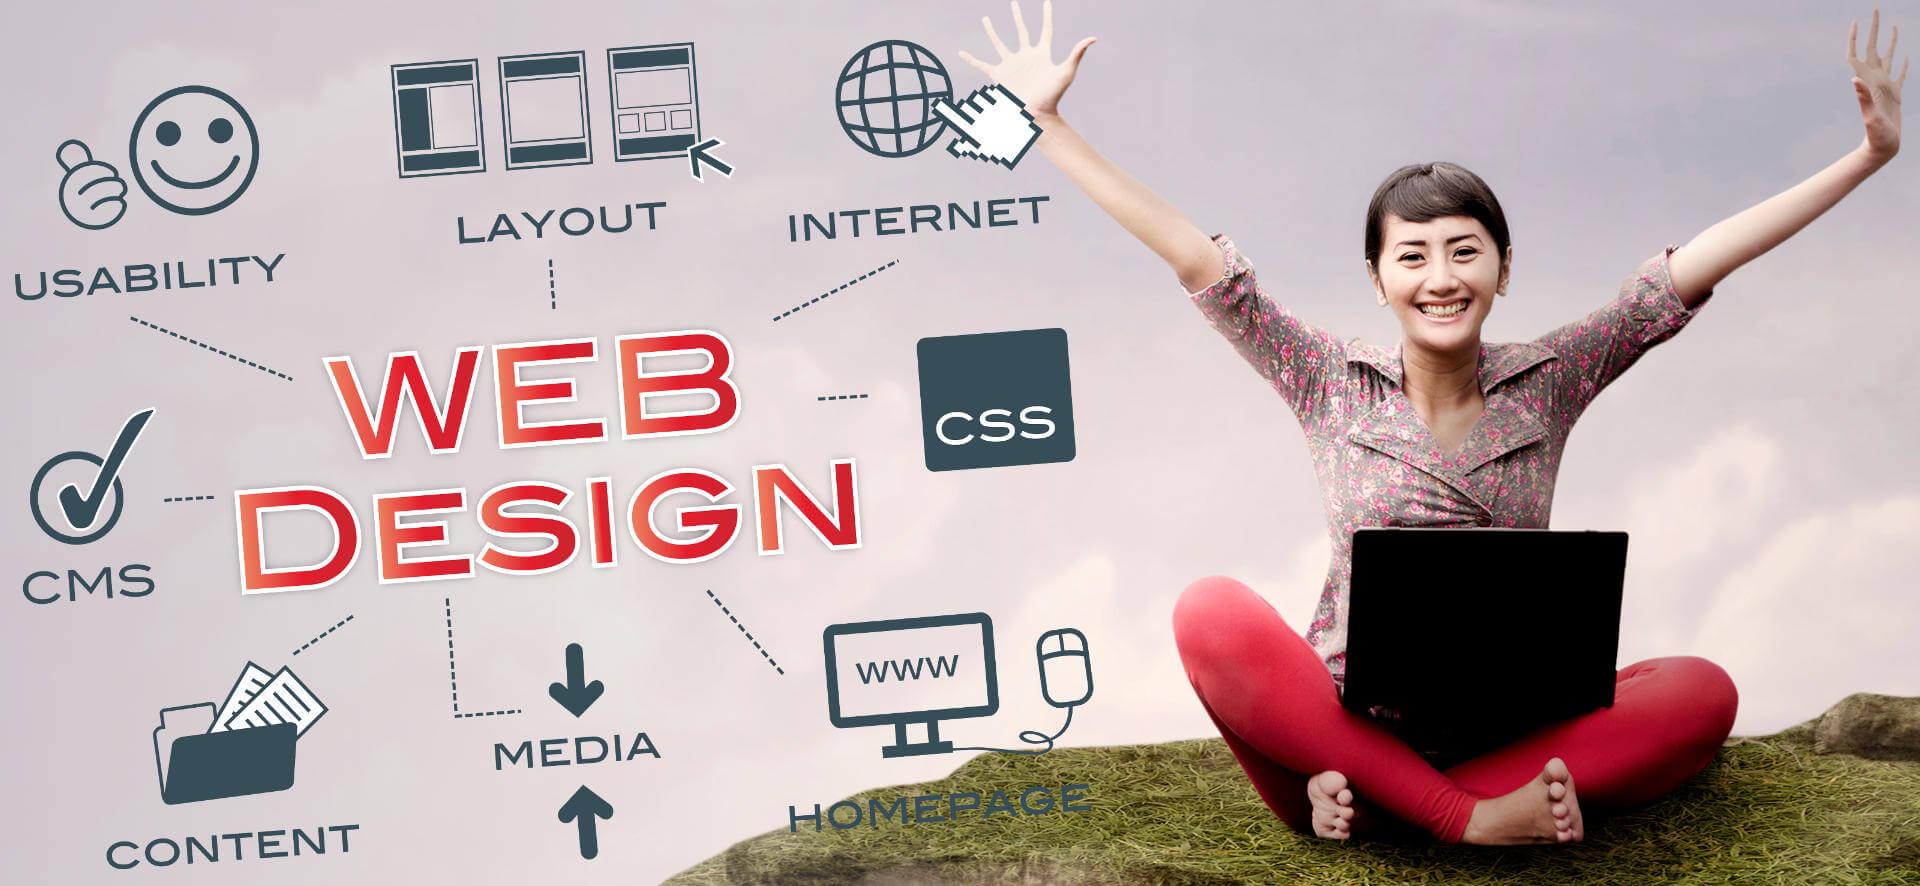 Miami web company